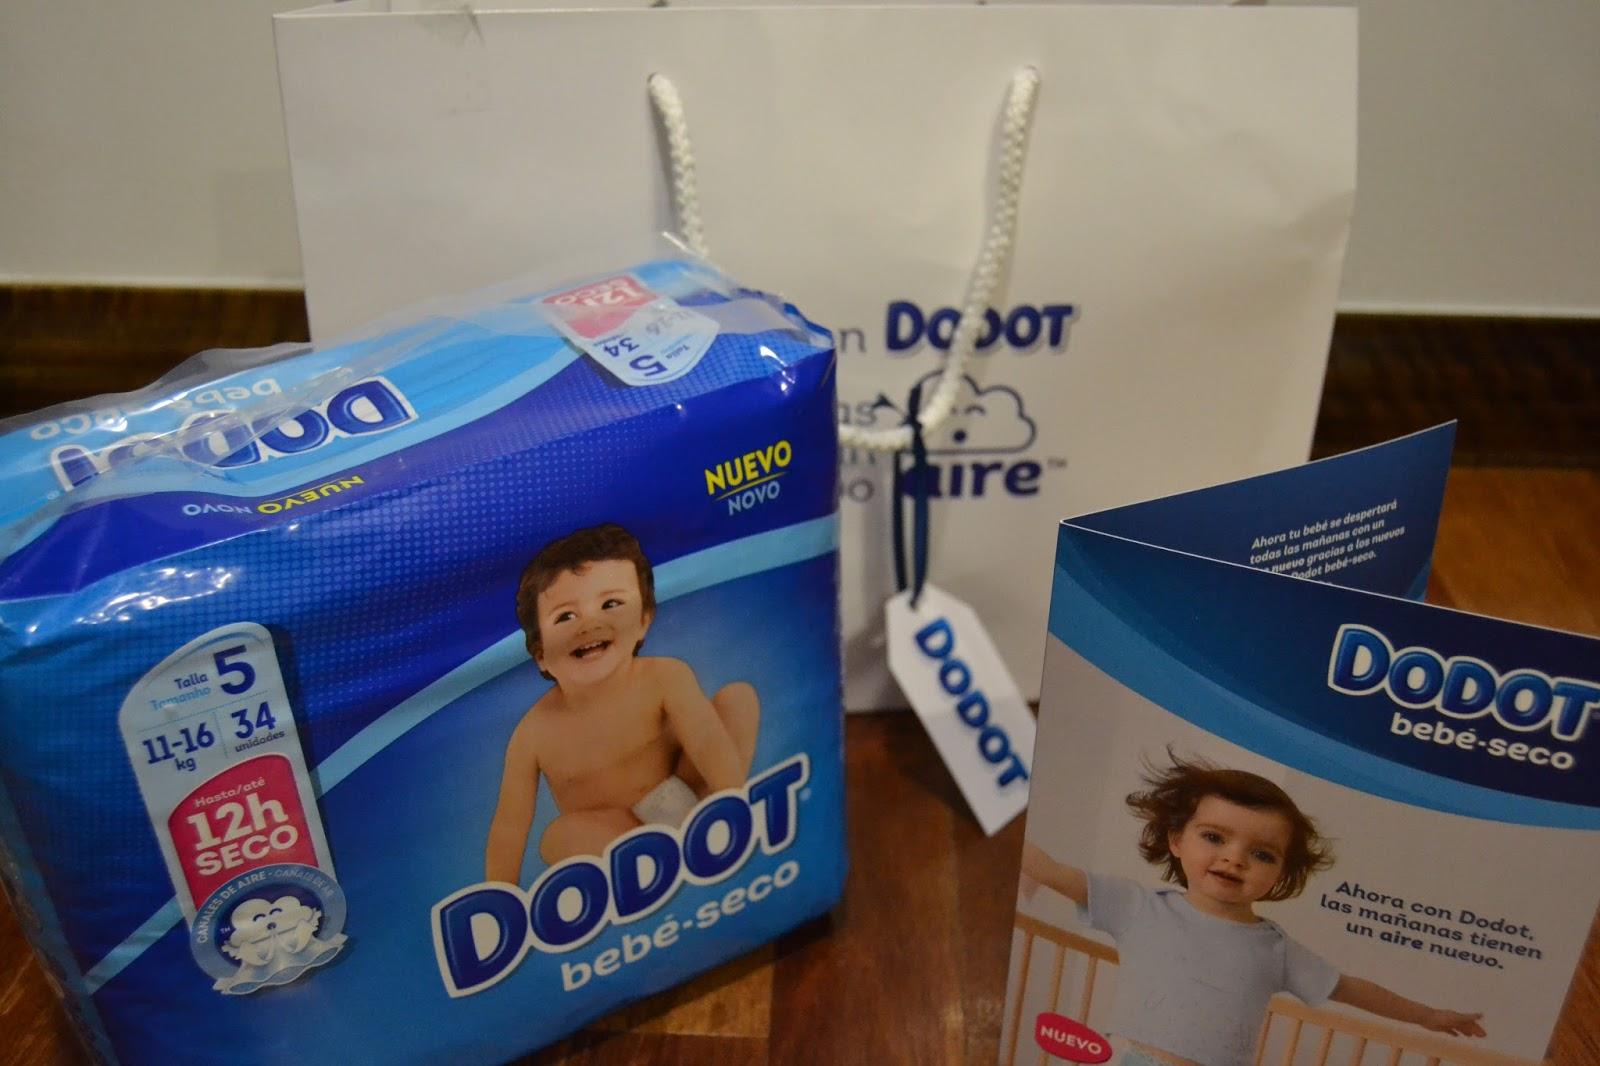 445ddef39 Sello de calidad  Prueba los nuevos pañales Dodot bebé-seco con canales de  aire